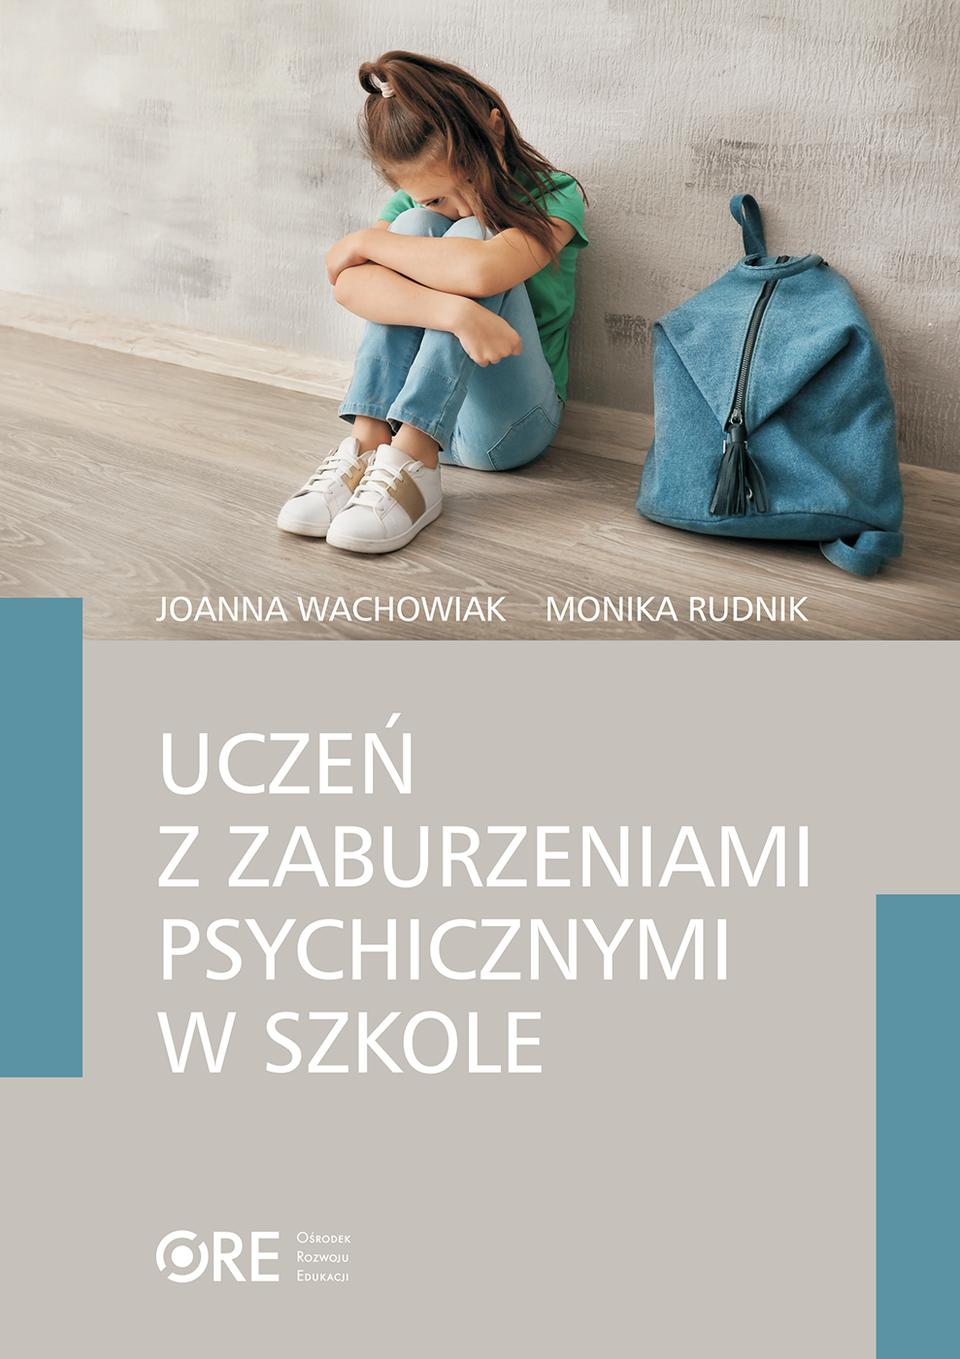 Pobierz plik: Uczen_z_zaburzeniami_psychicznymi_w_szkole_J.Wachowiak_M.Rudnik.pdf